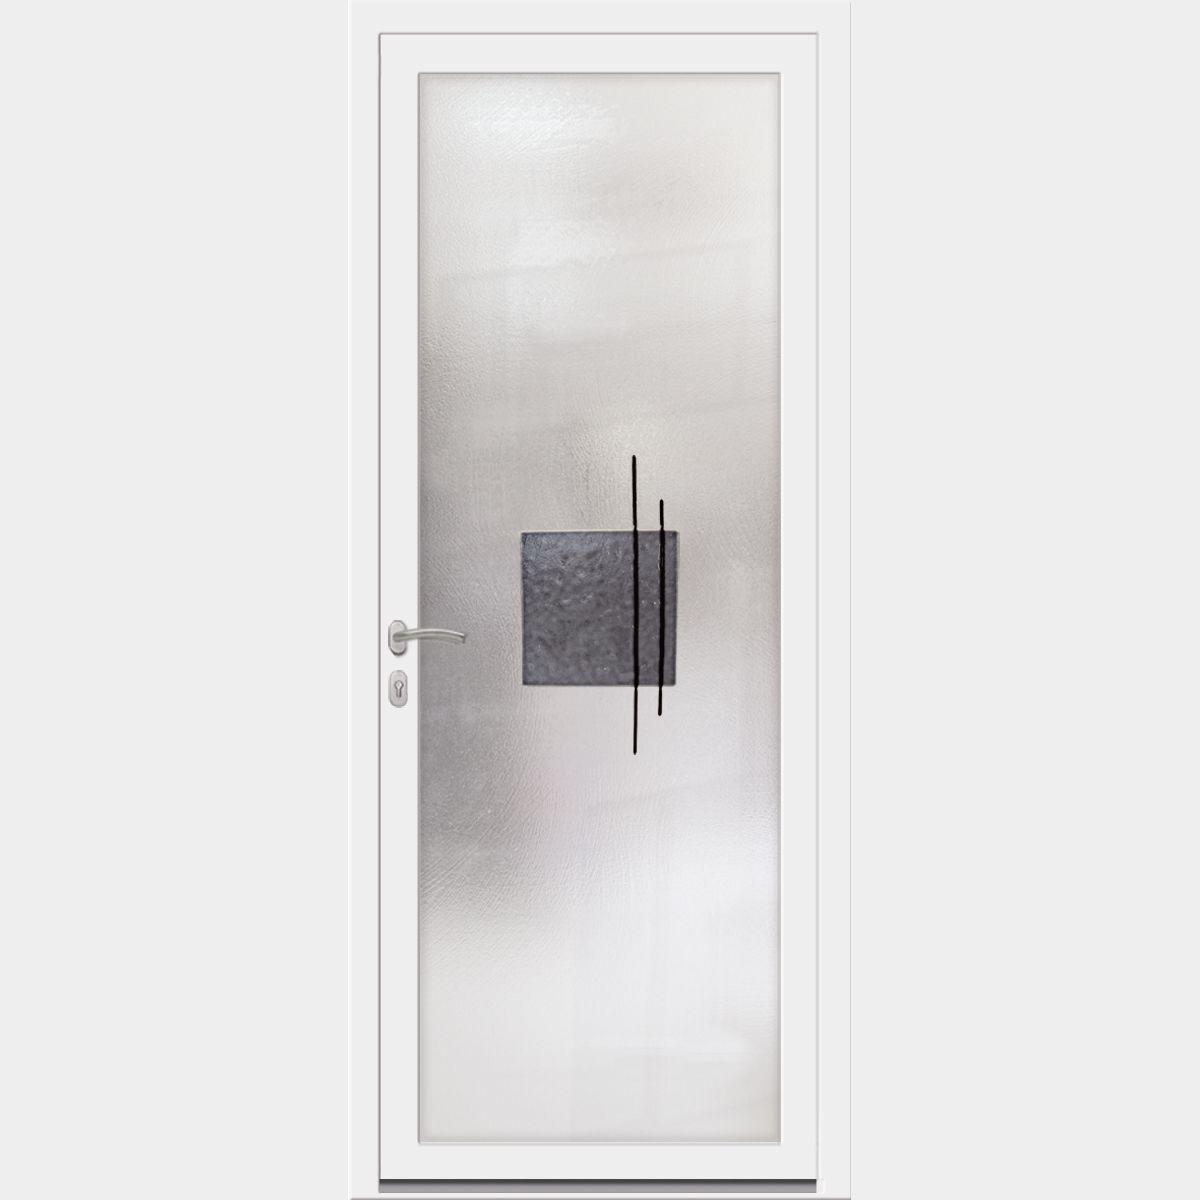 Qualité des portes d'entrée Isoferm